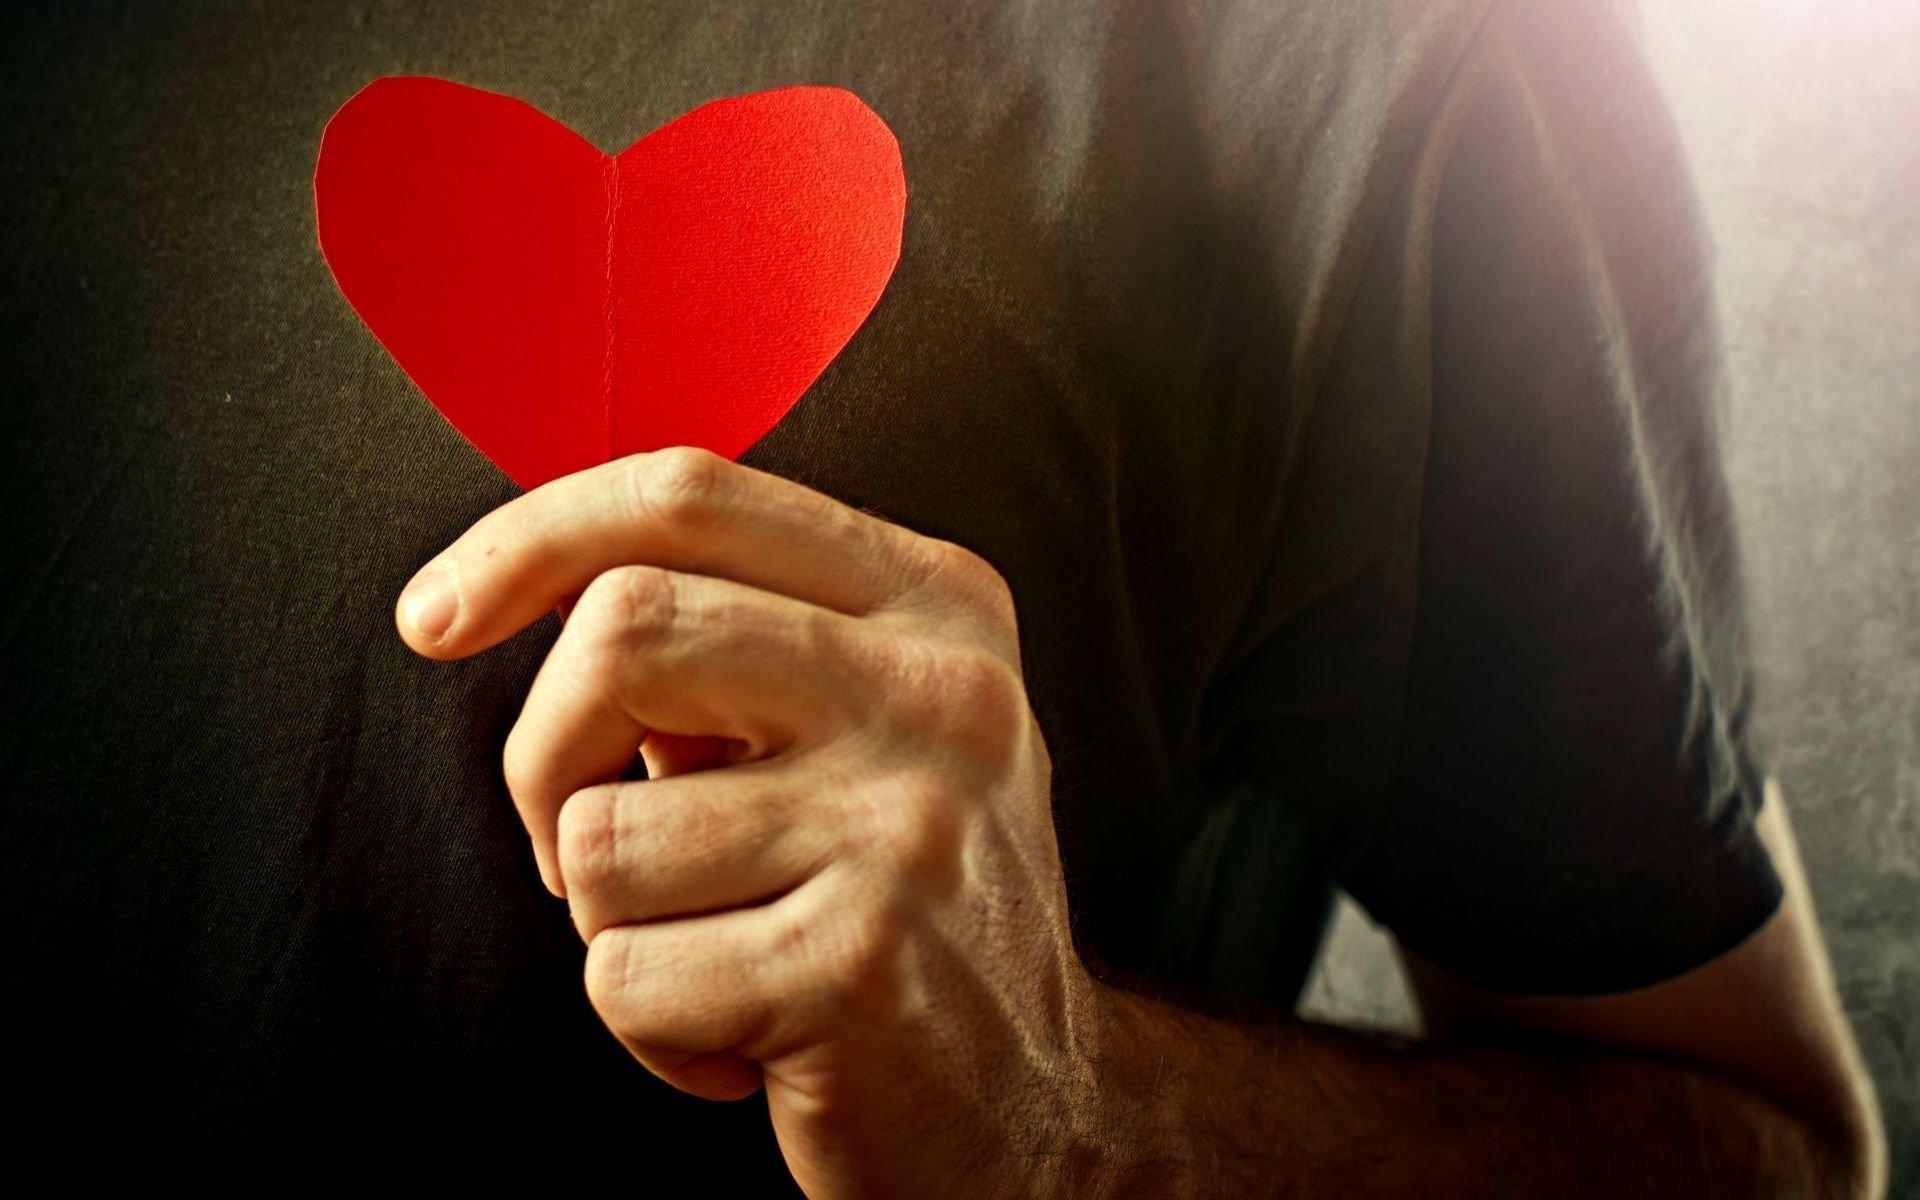 Сердце девушка обнимка  № 1659668 бесплатно